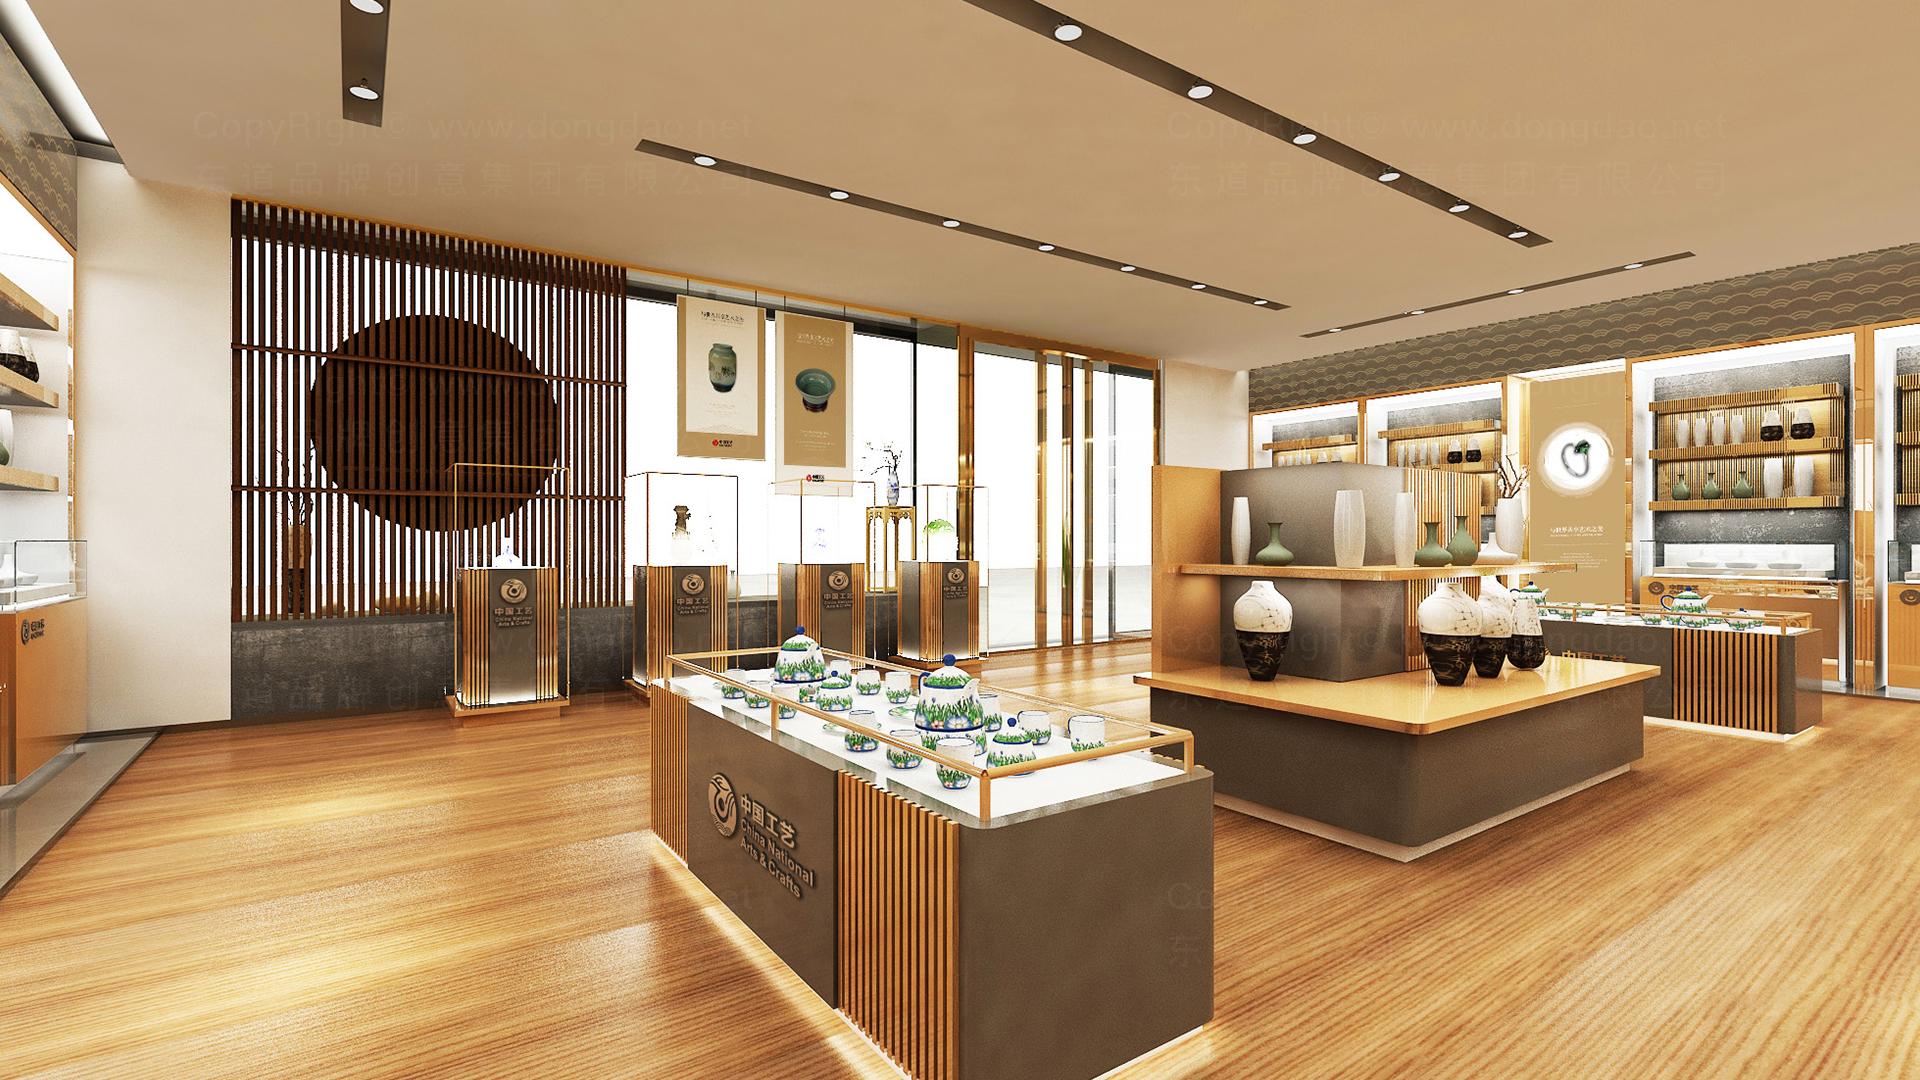 商业空间&导示中国工艺集团新零售终端SI设计应用场景_2